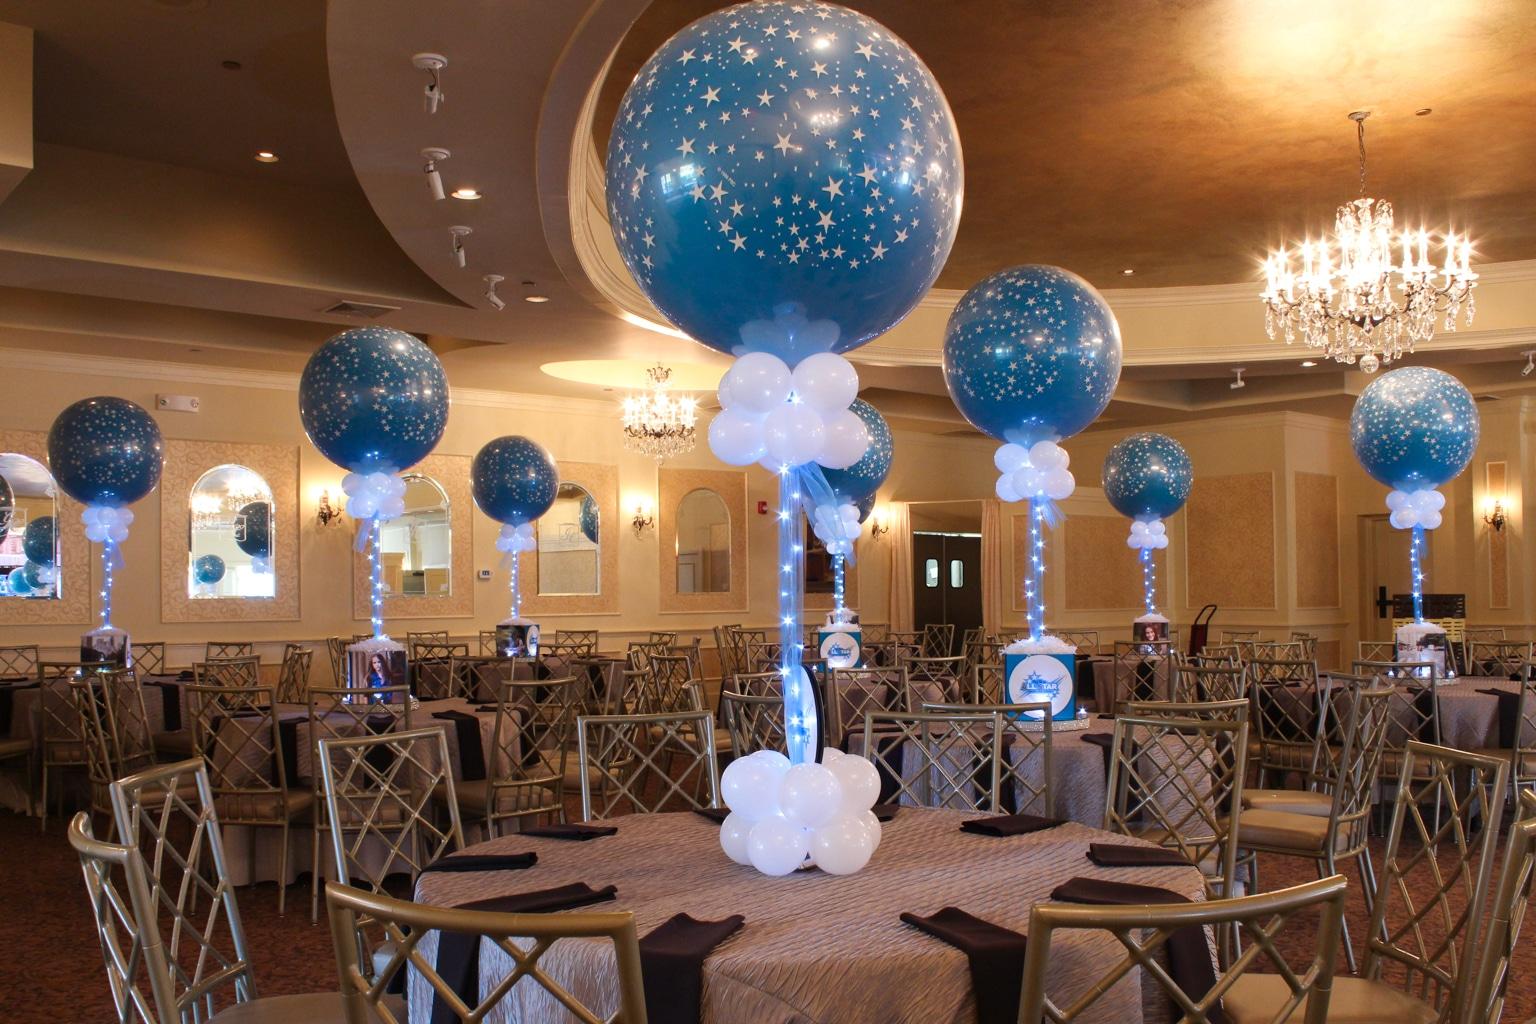 sf balloon artistry rh balloonartistry com Star Theme Table Decorations Star Theme Table Decorations